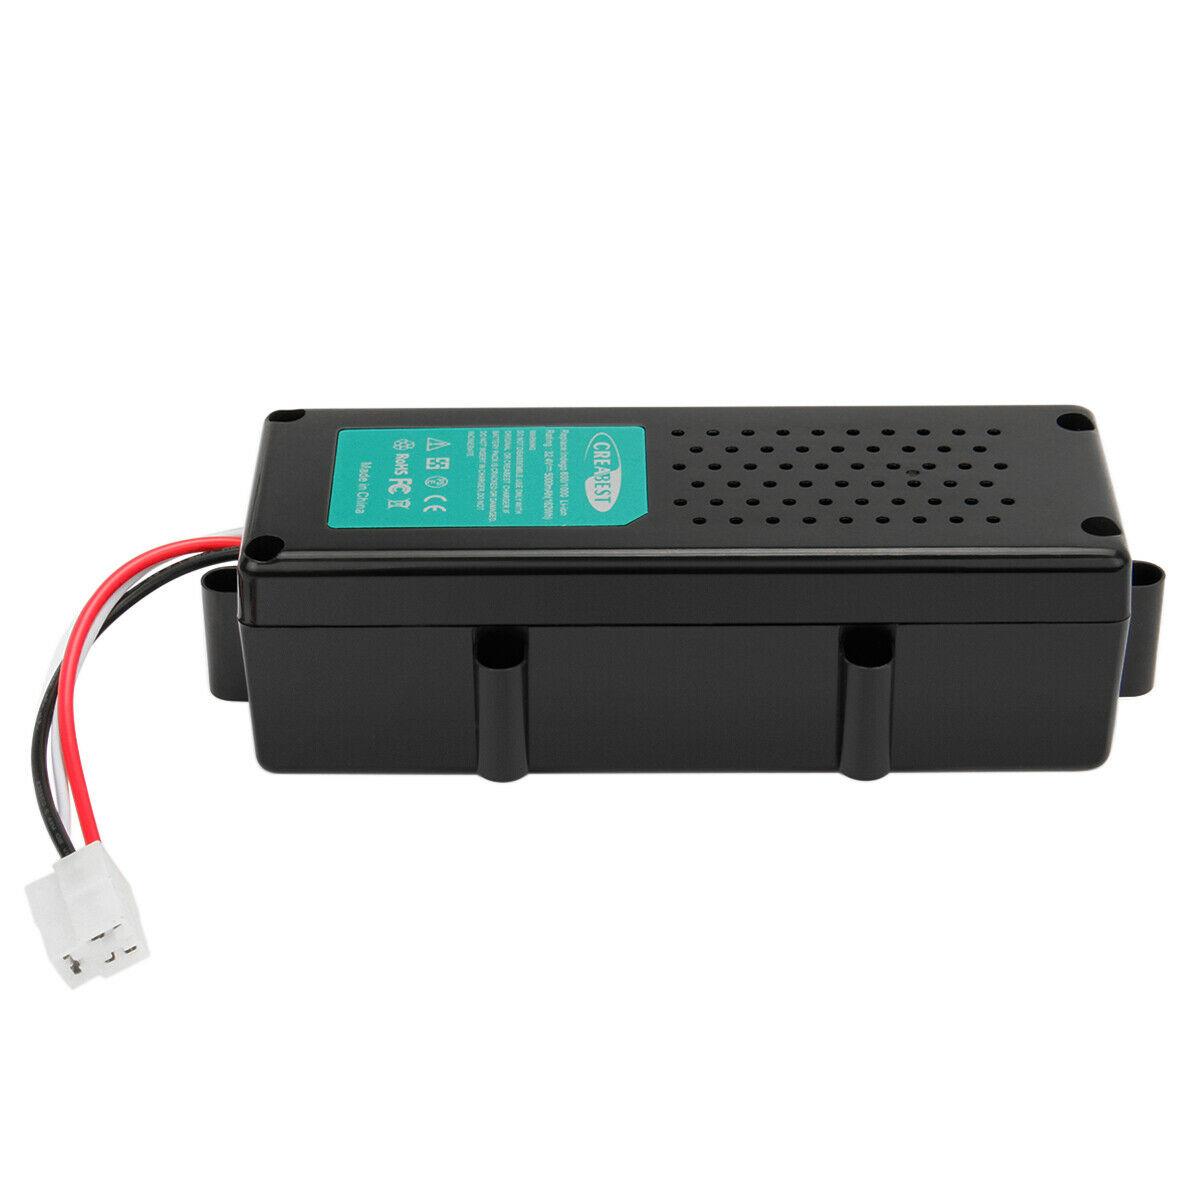 Batterie 32.4V 5.0AH Li-ion Bosch Indego 800,850,1000,1999 F01610429(compatible)